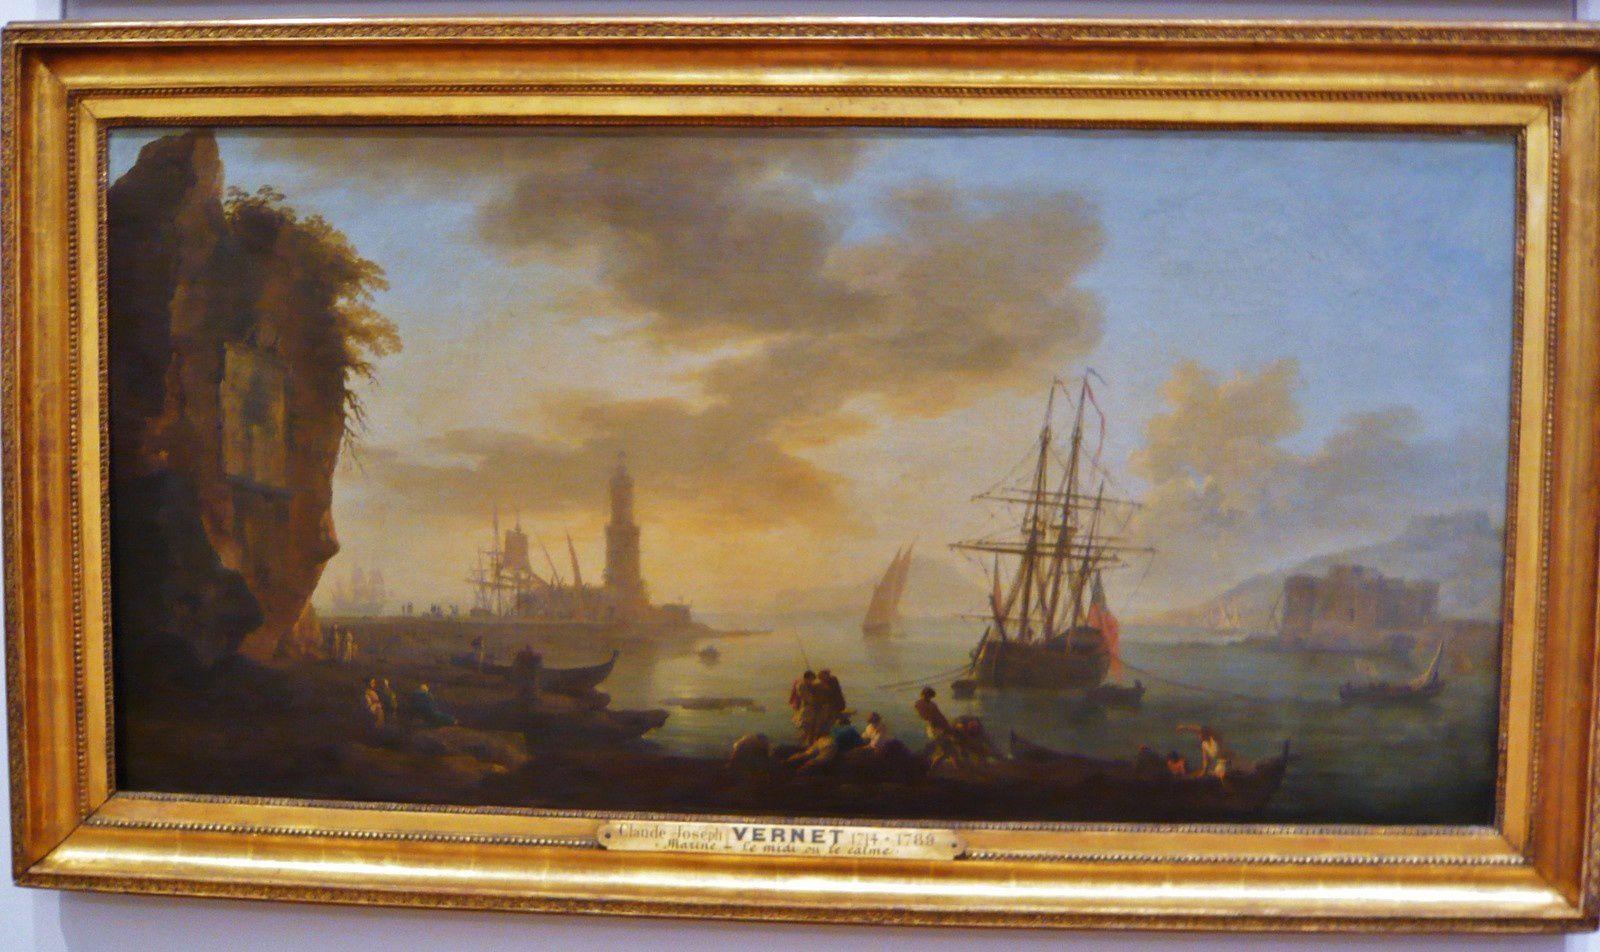 Joseph Vernet, Marine, le midi ou le calme